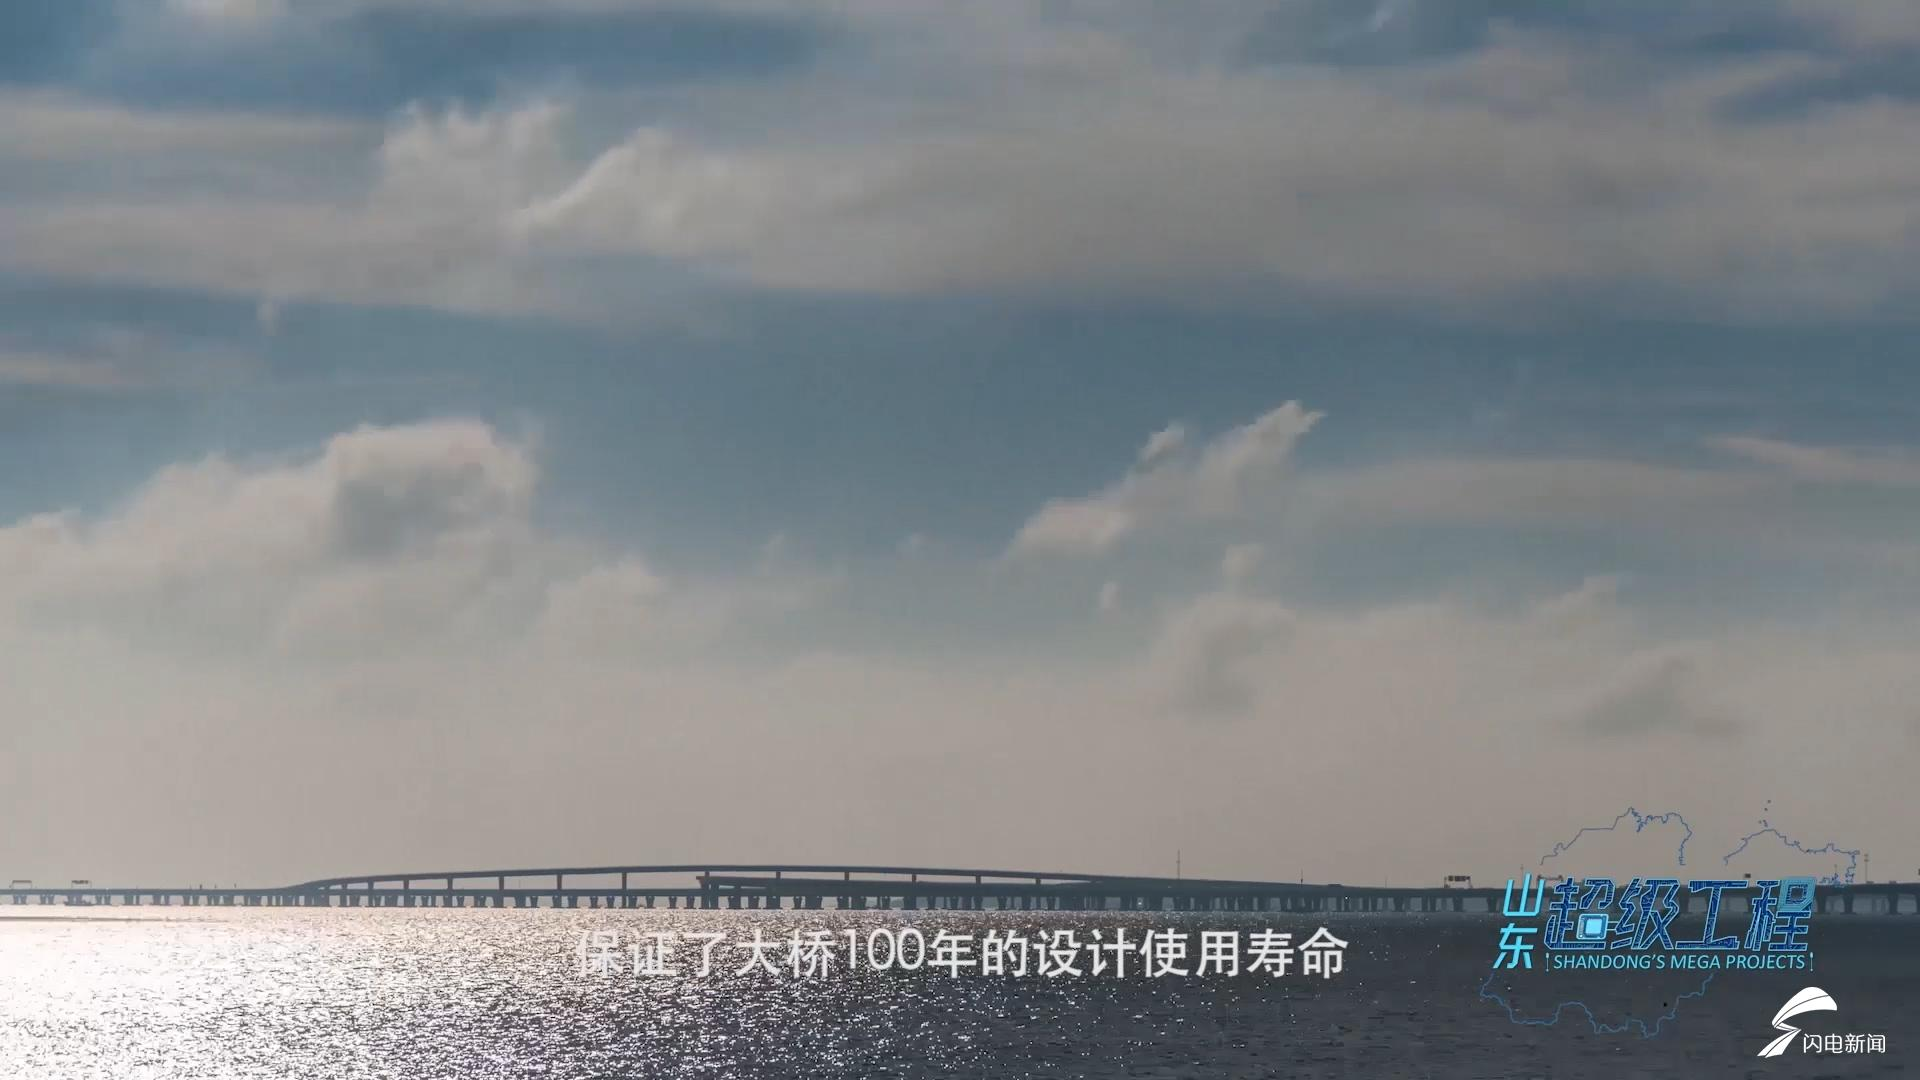 海上长虹013.jpg